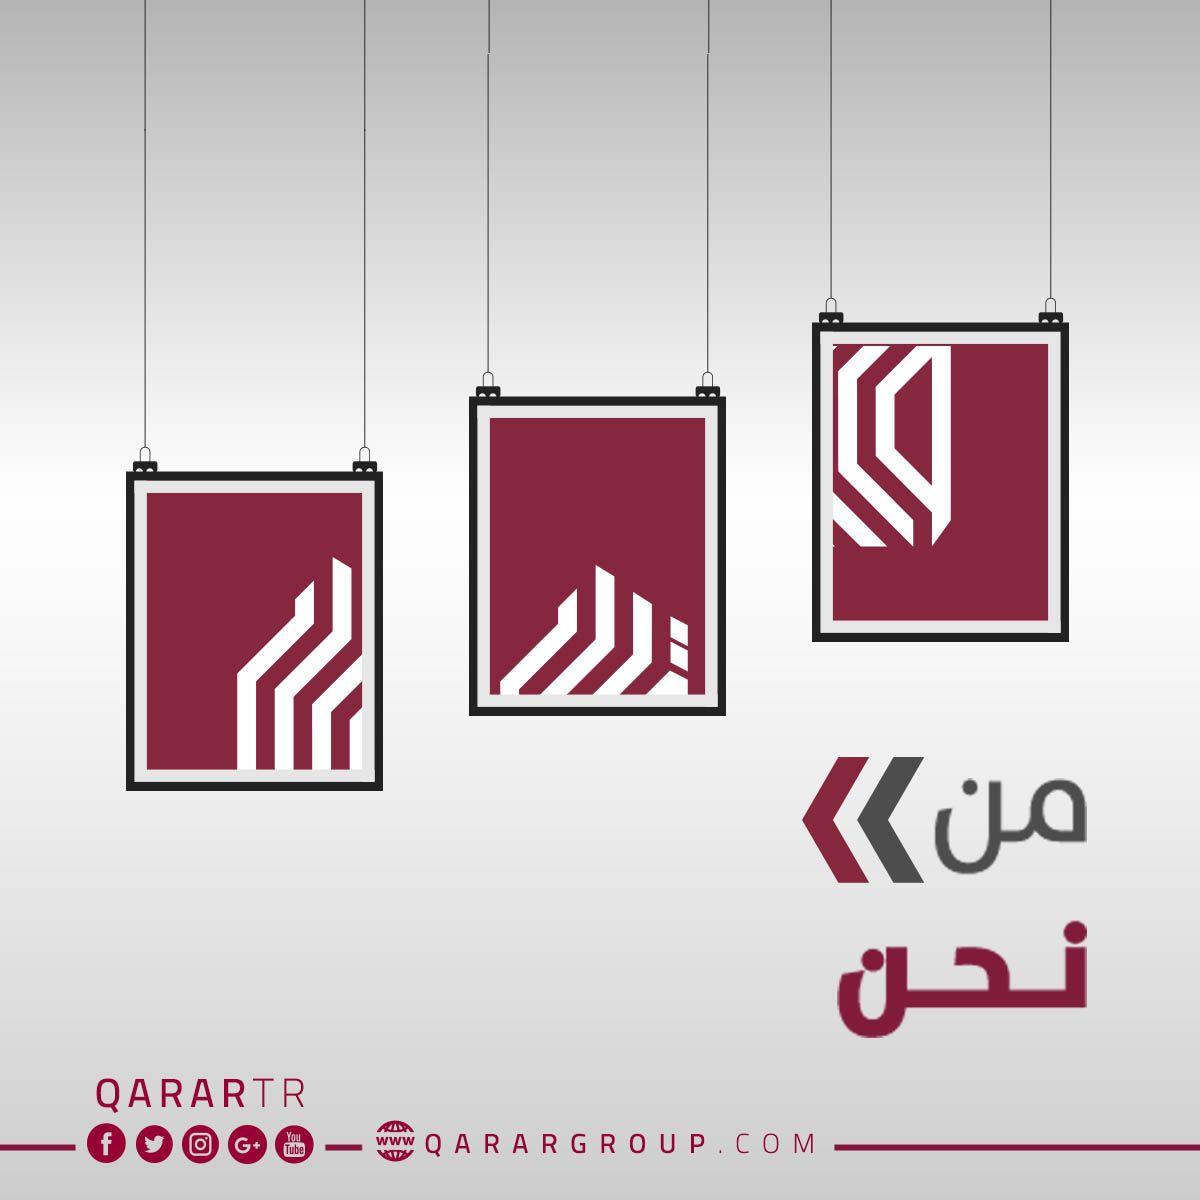 قرار العقاریة هي إحدى الشركات الرائدة في مجال الاستثمار العقاري في تركيا وجاءت الفكرة إنطلاقا من إيماننا بضرورة وجود شركة عقار School Logos Arizona Logo Logos